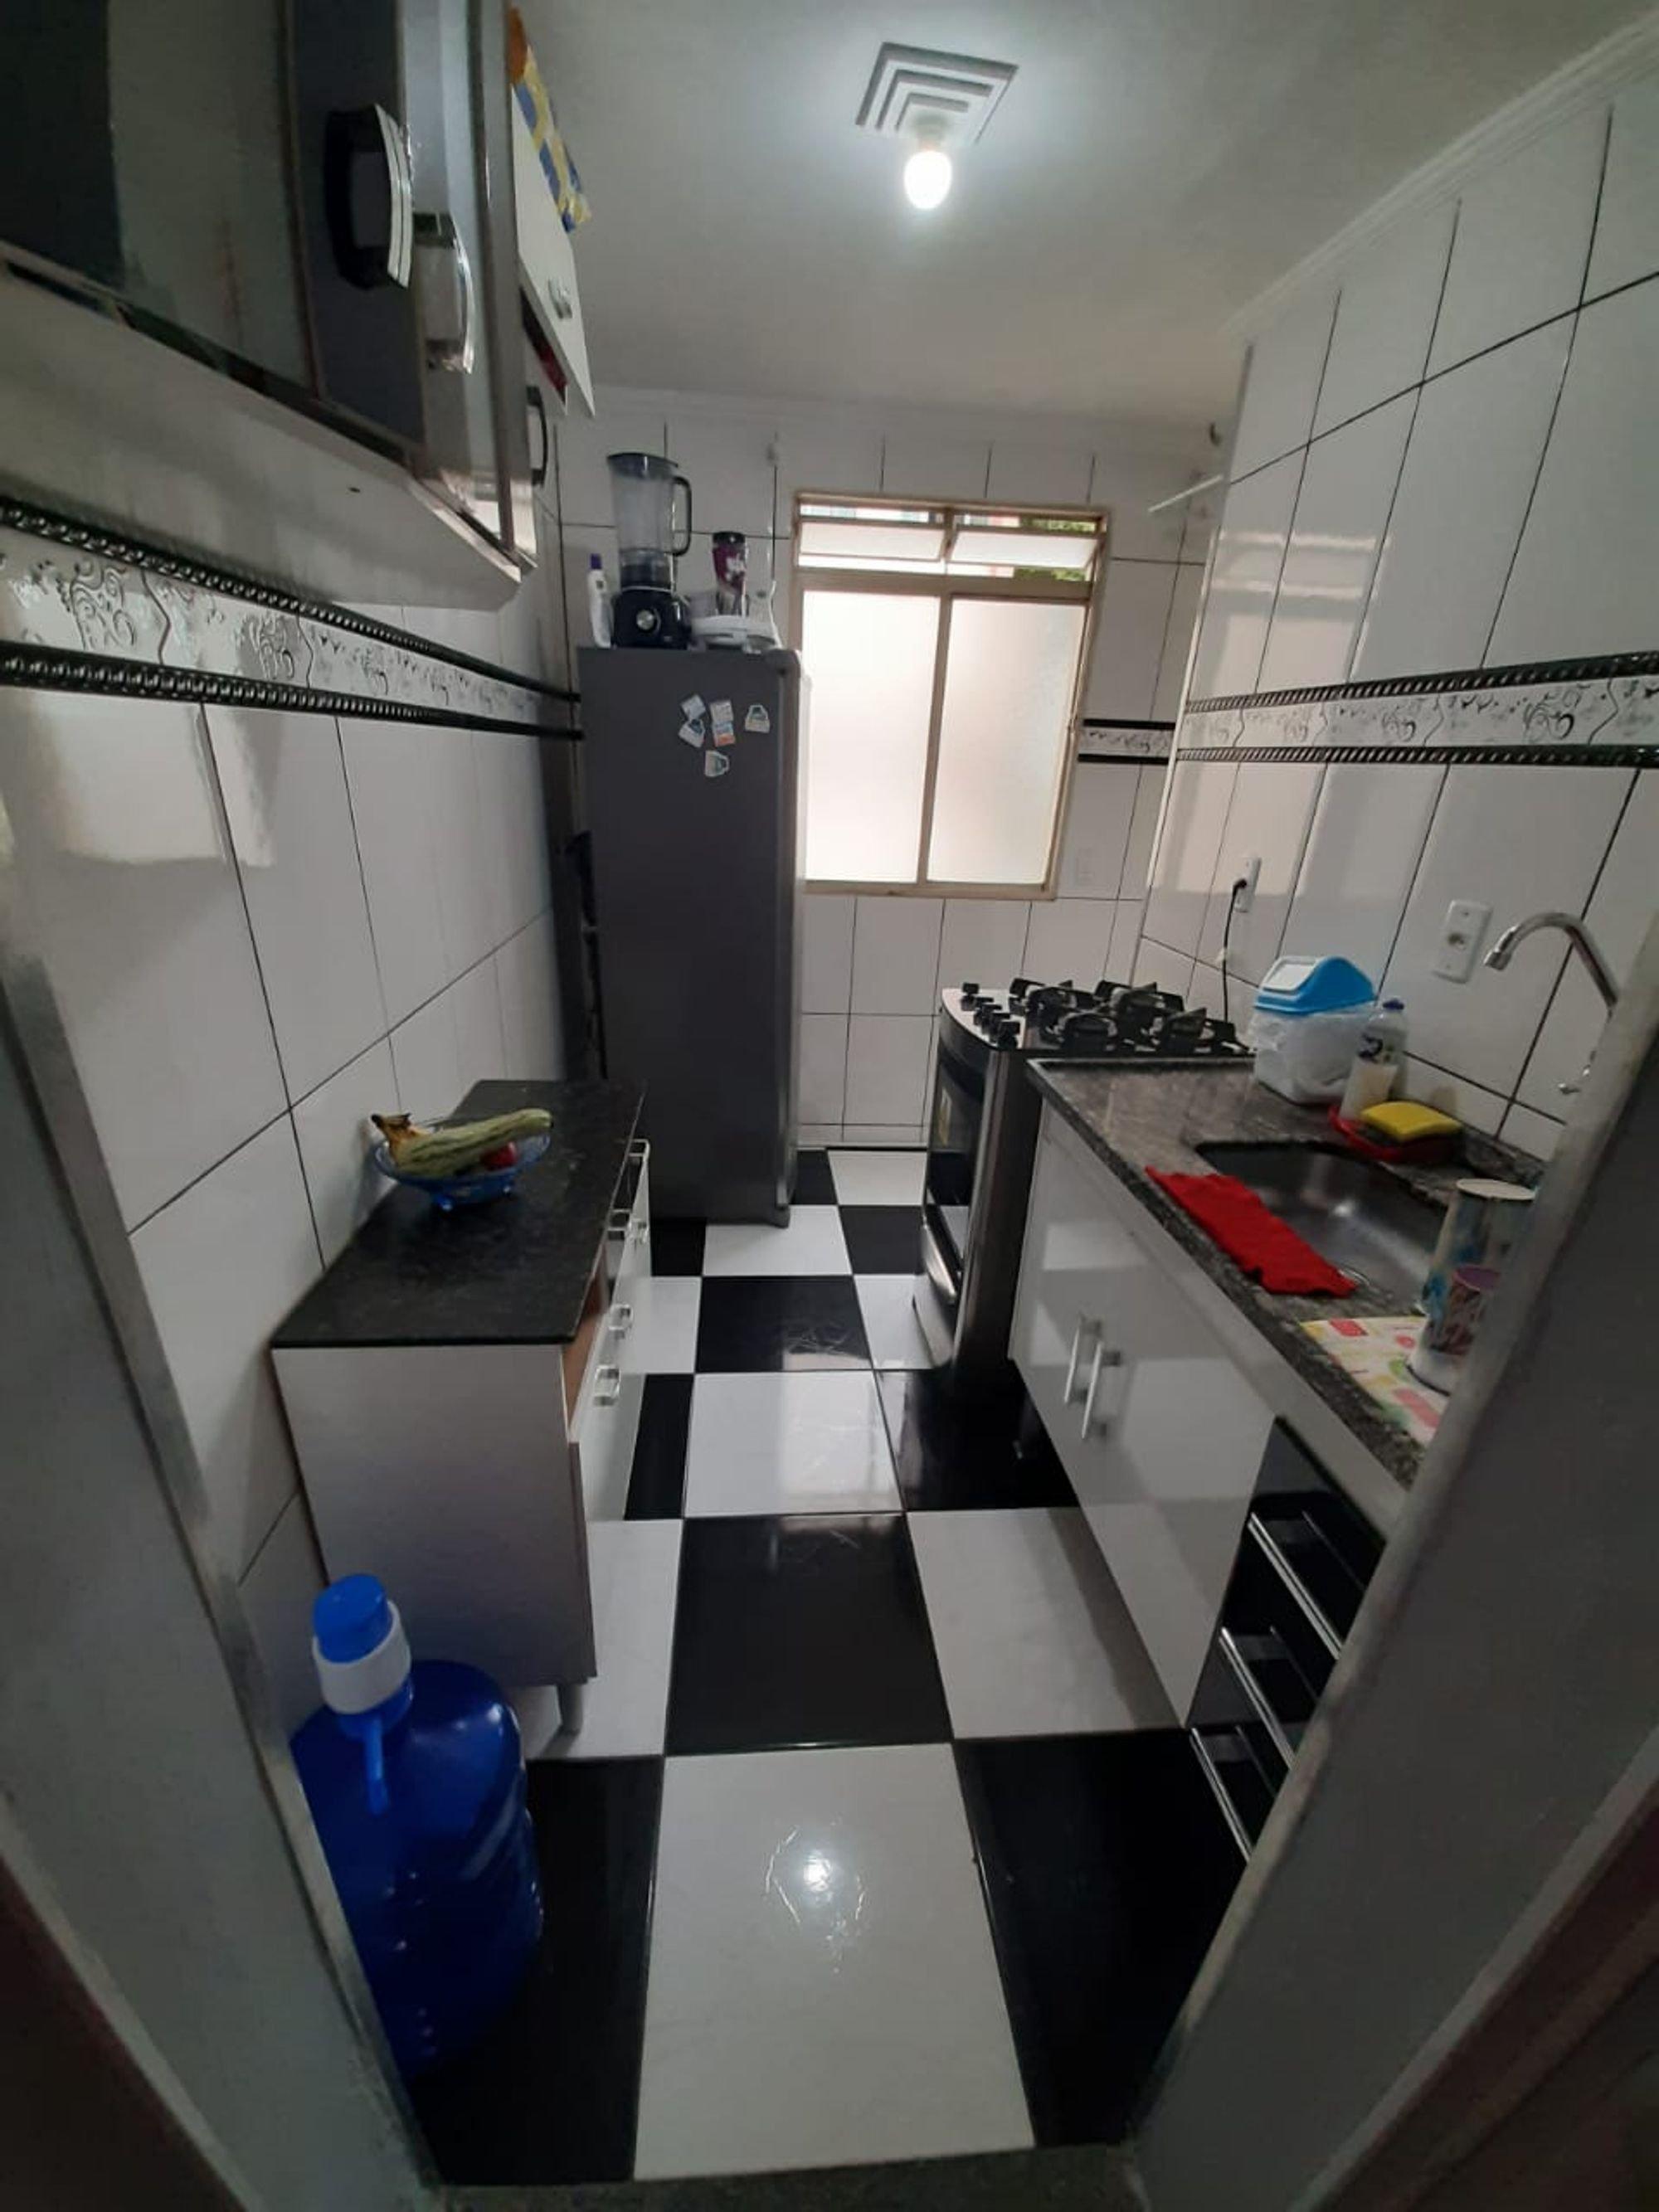 Foto de Cozinha com tigela, geladeira, garrafa